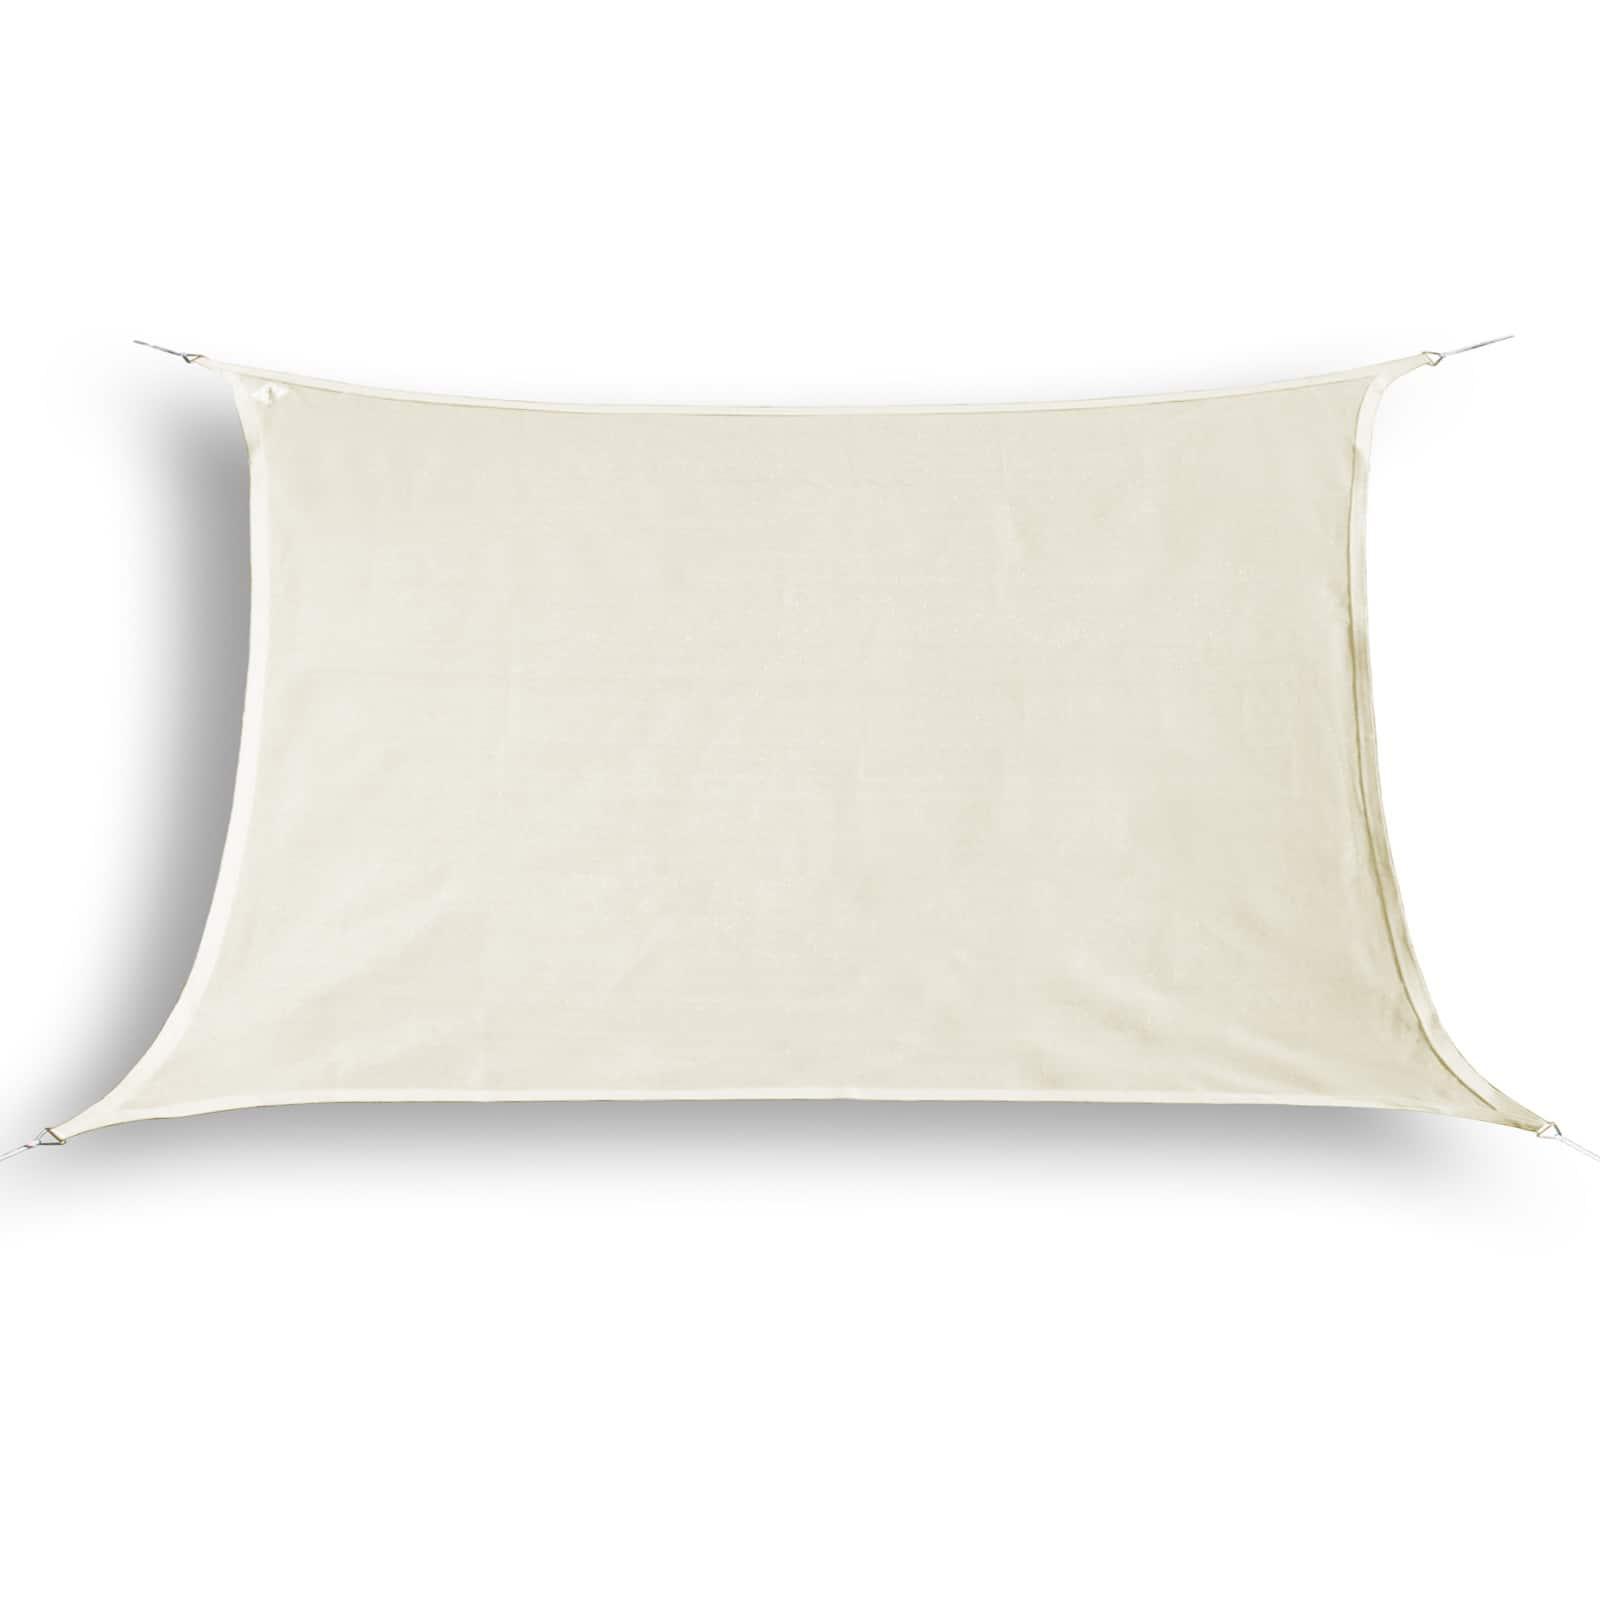 hanSe® Schaduwdoek Rechthoek Waterdoorlatend 5x7 m - zonnedoek - Creme